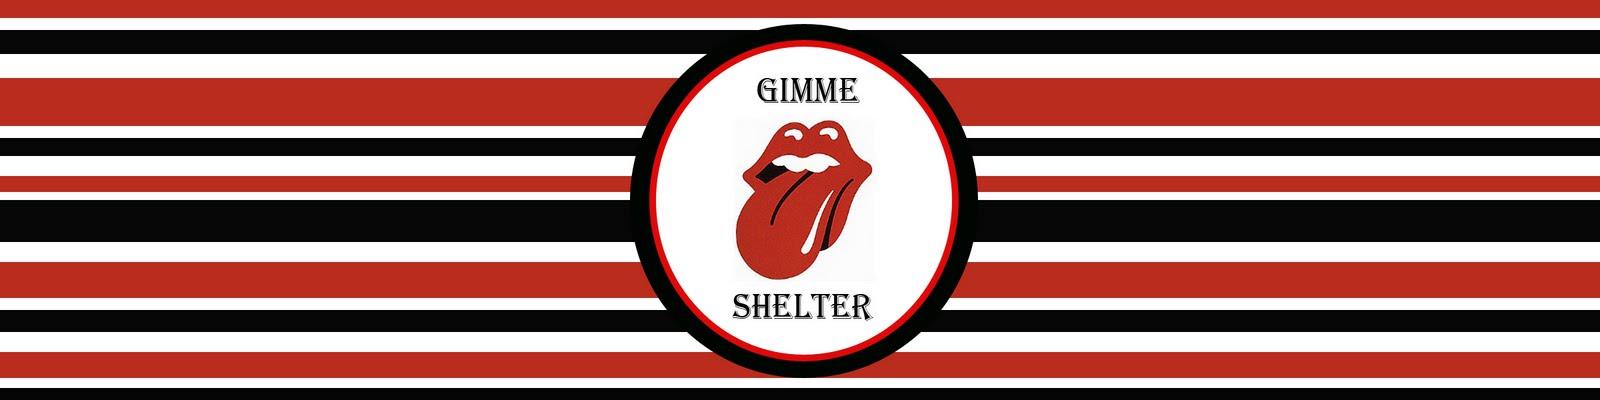 Rolling Stones: ¿Vienen o ya fue?